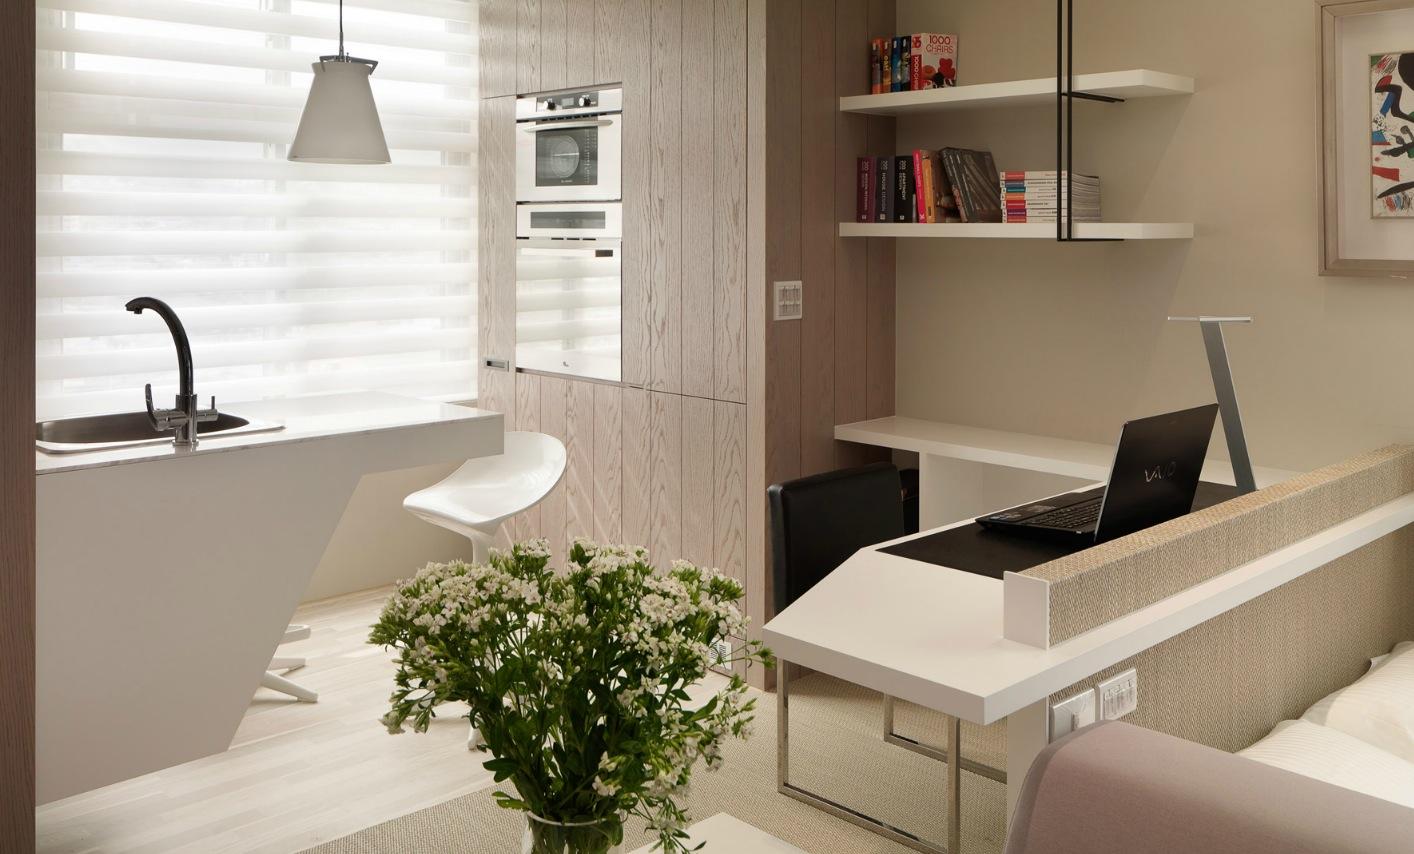 Desain Interior Dapur Dan Ruang Kerja Apartemen 1 Kamar